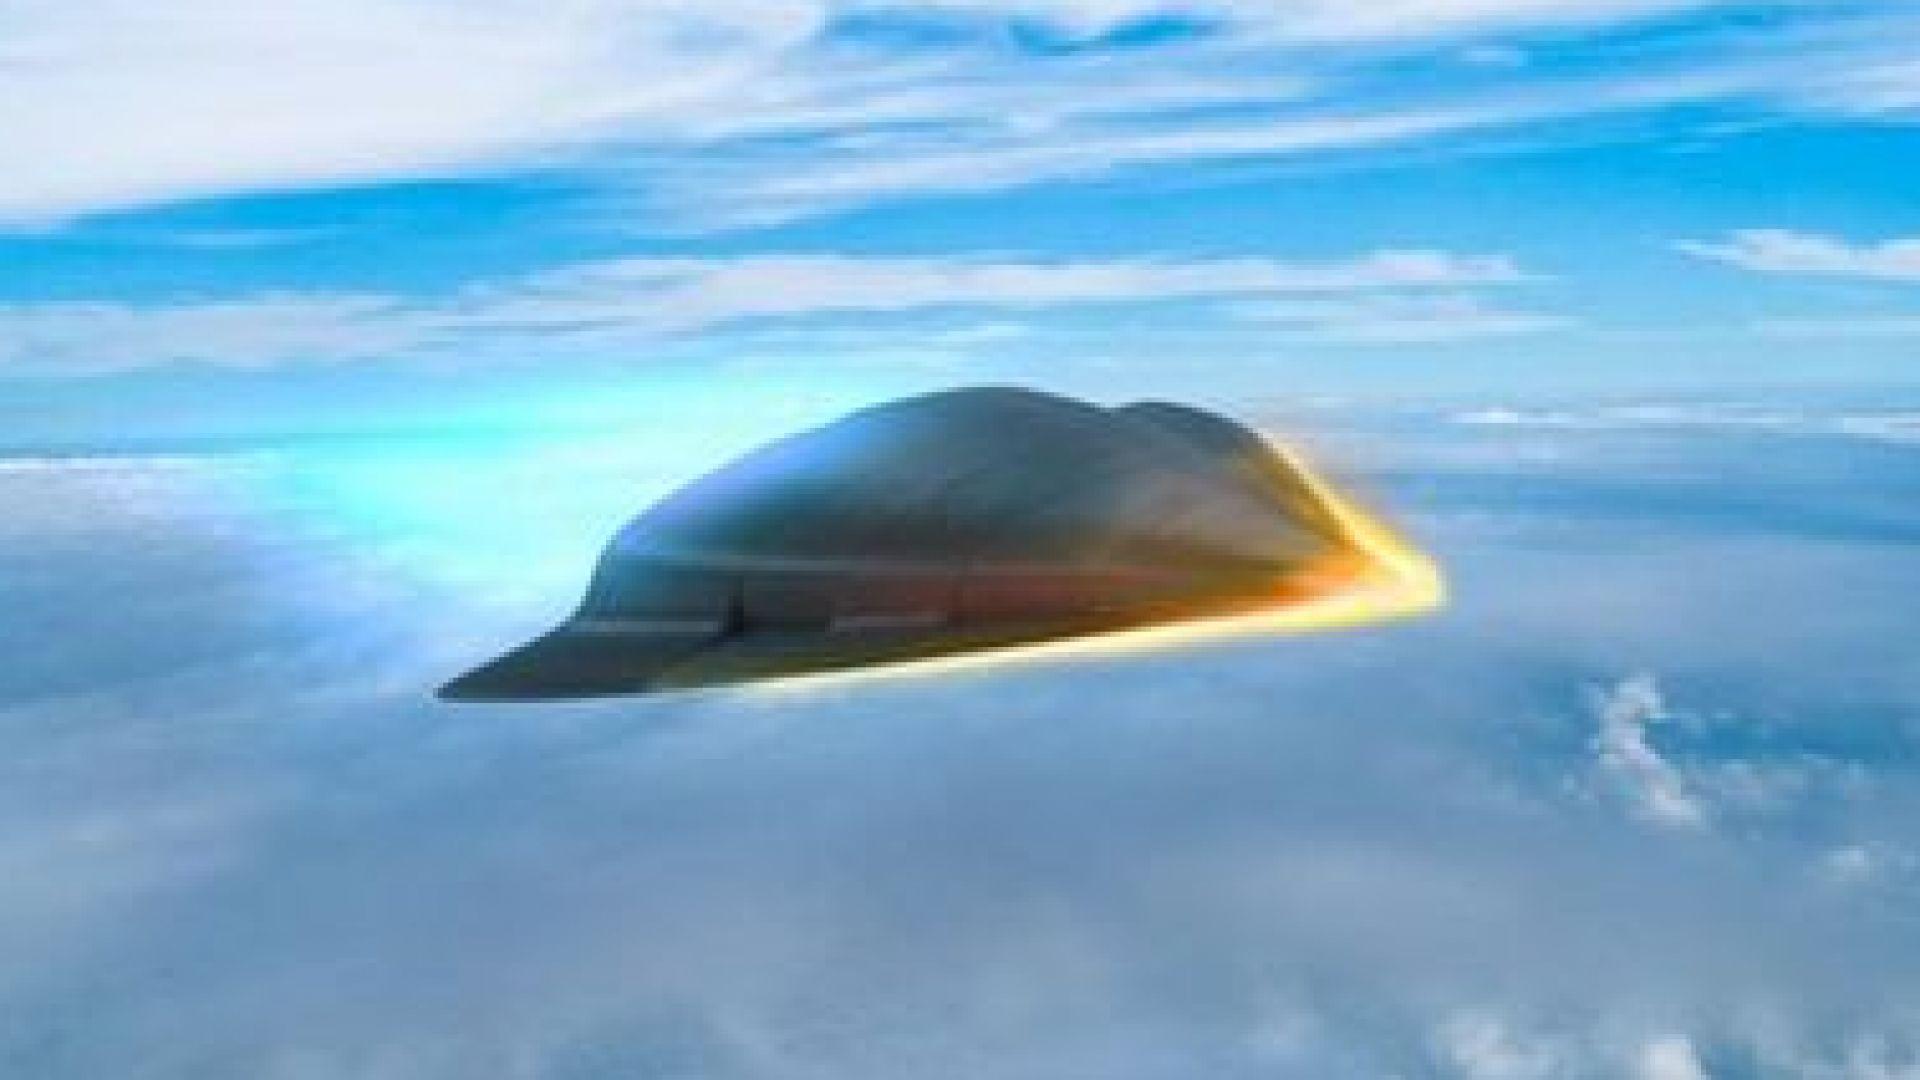 САЩ анонсира създаването на хиперзвукова ракета